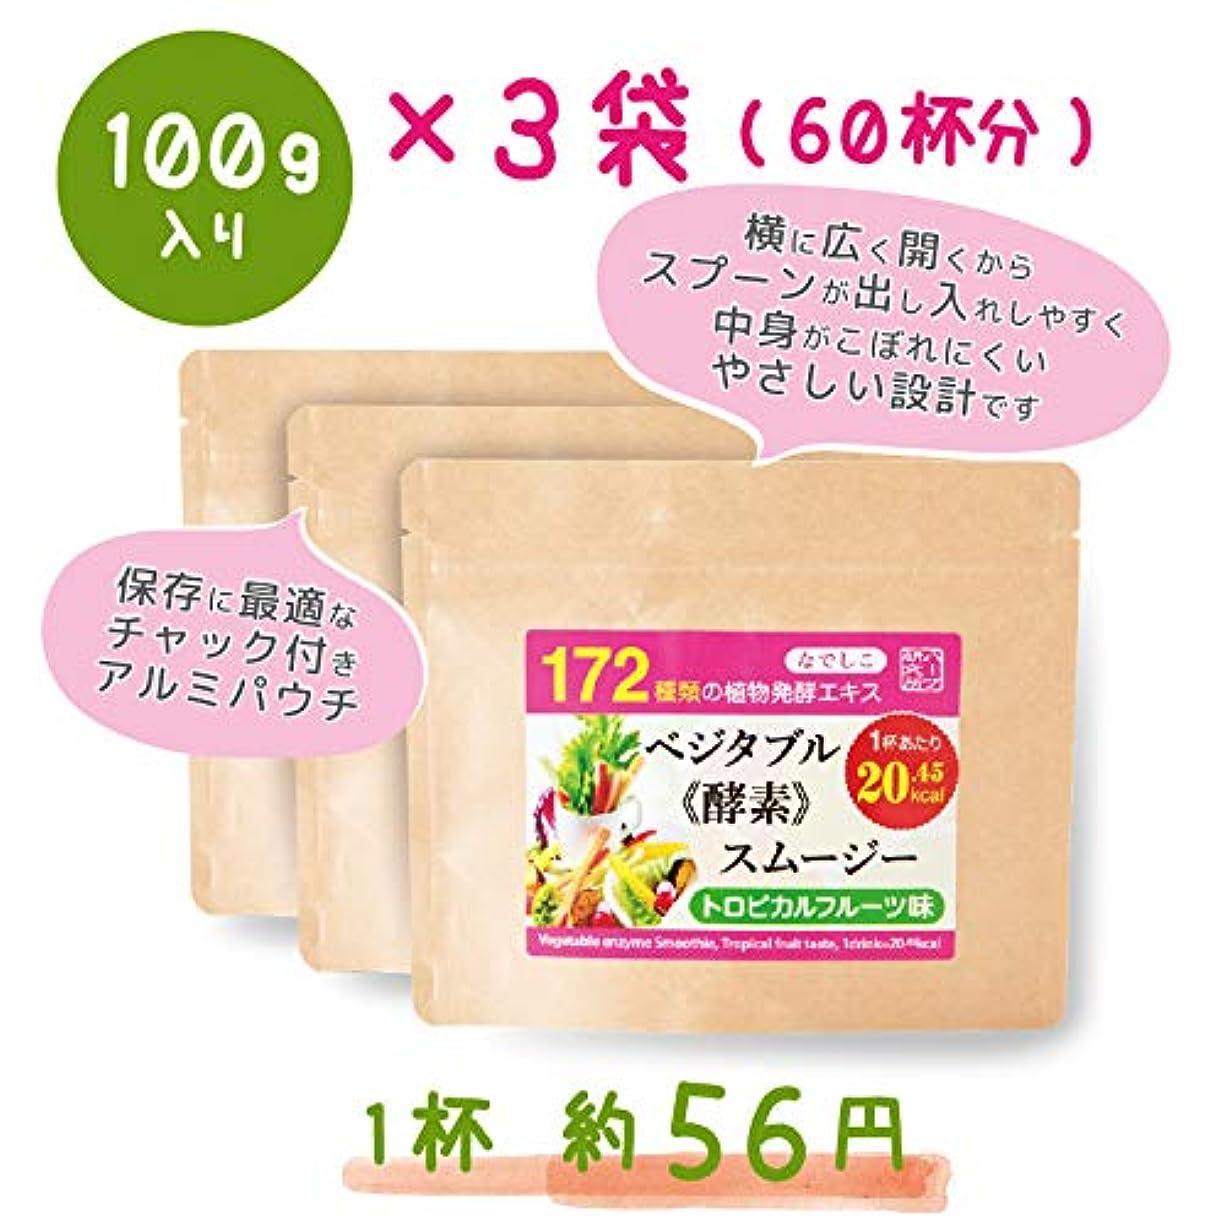 郵便やめるトレーダーグリーン酵素ダイエットスムージー(ストロベリー味)300g (100g×3パック)で20%OFF